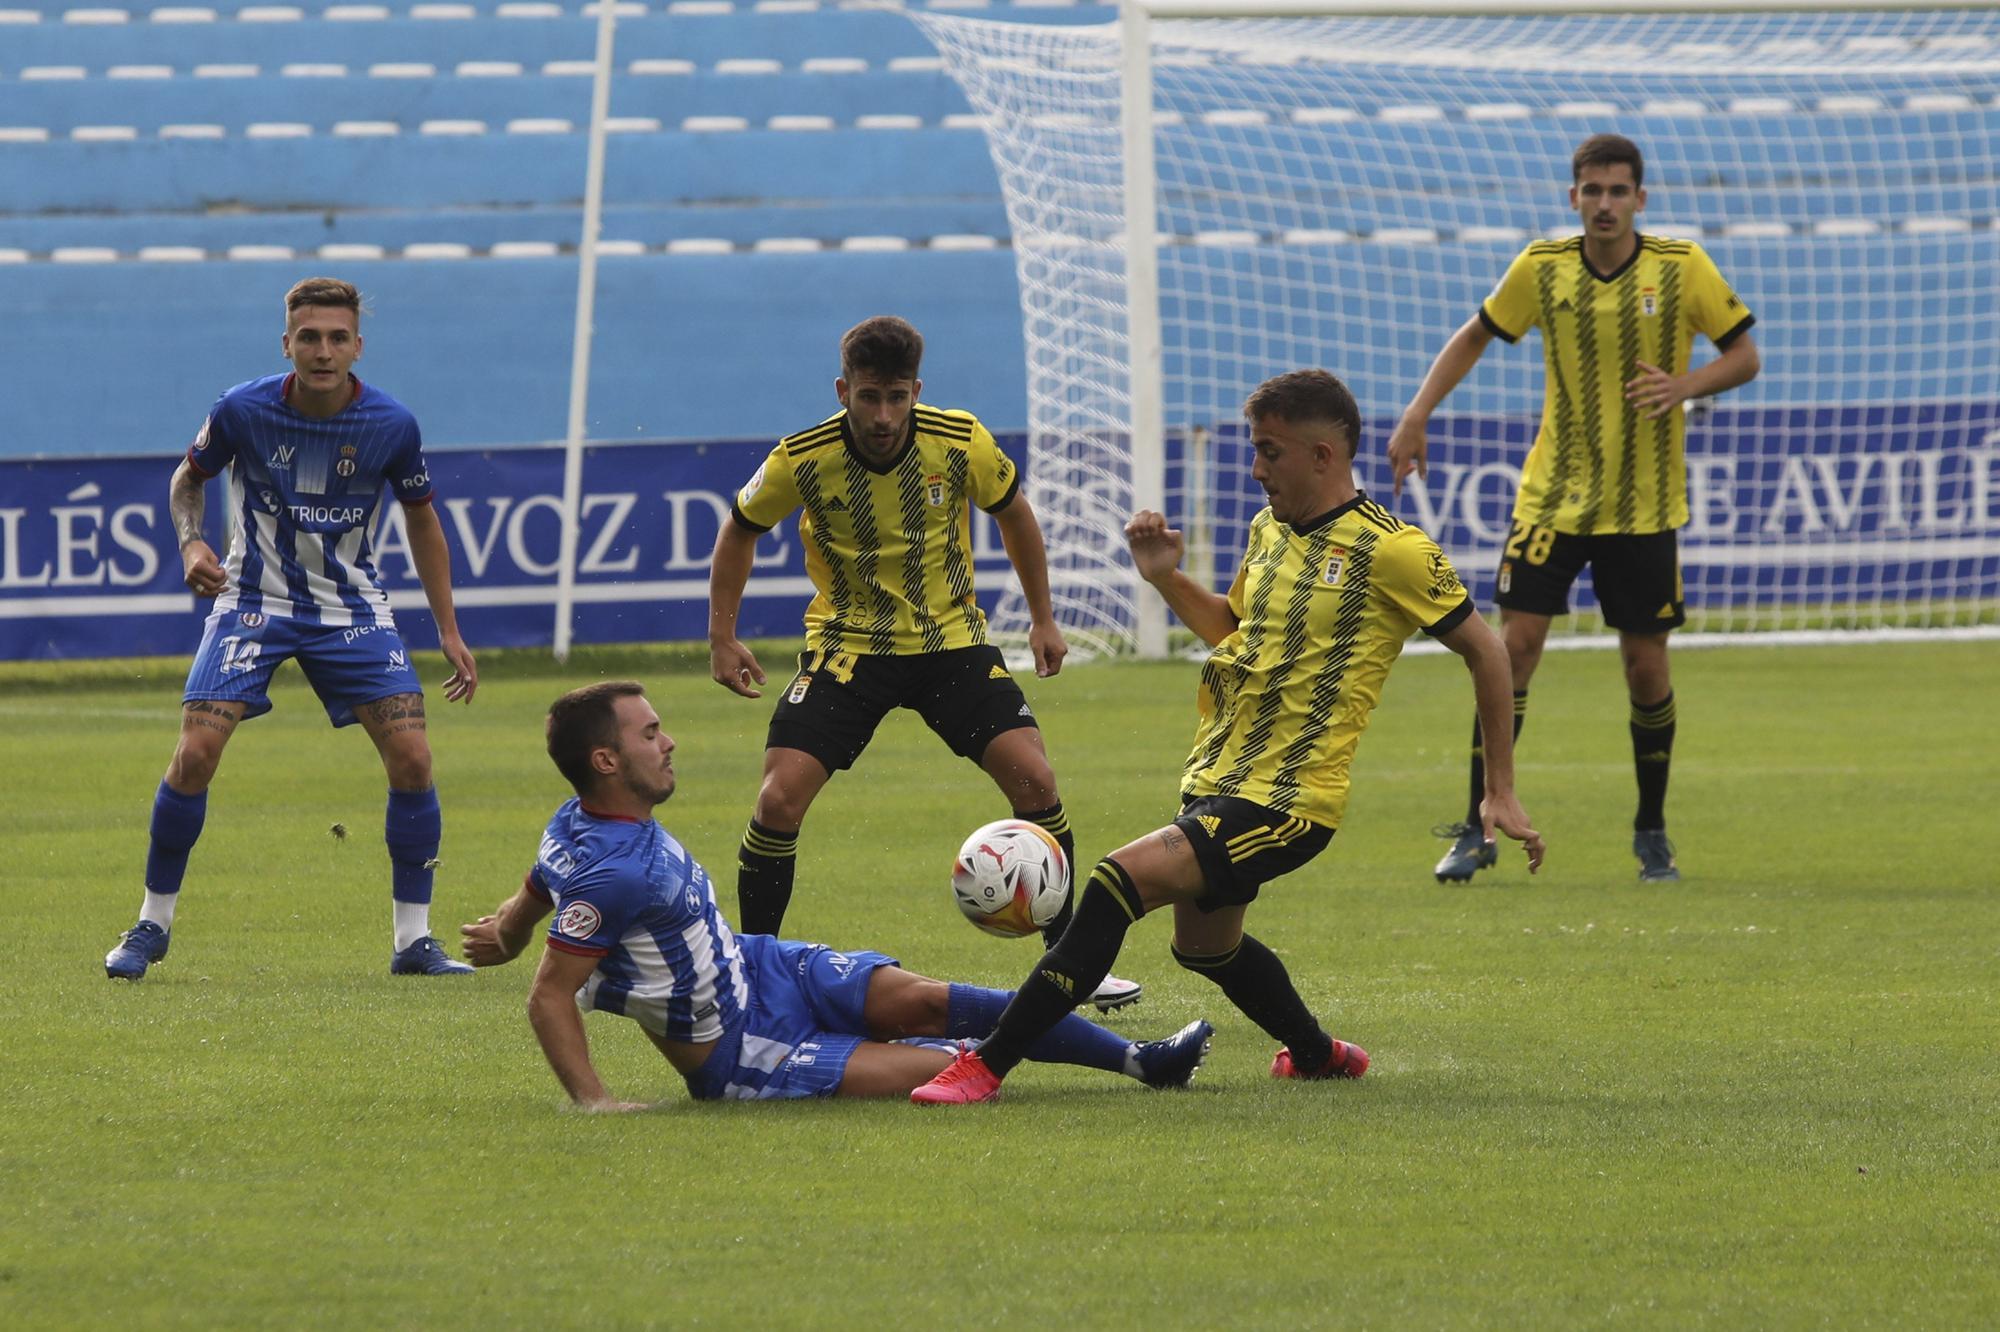 Las imágenes del partido del Oviedo contra el Avilés